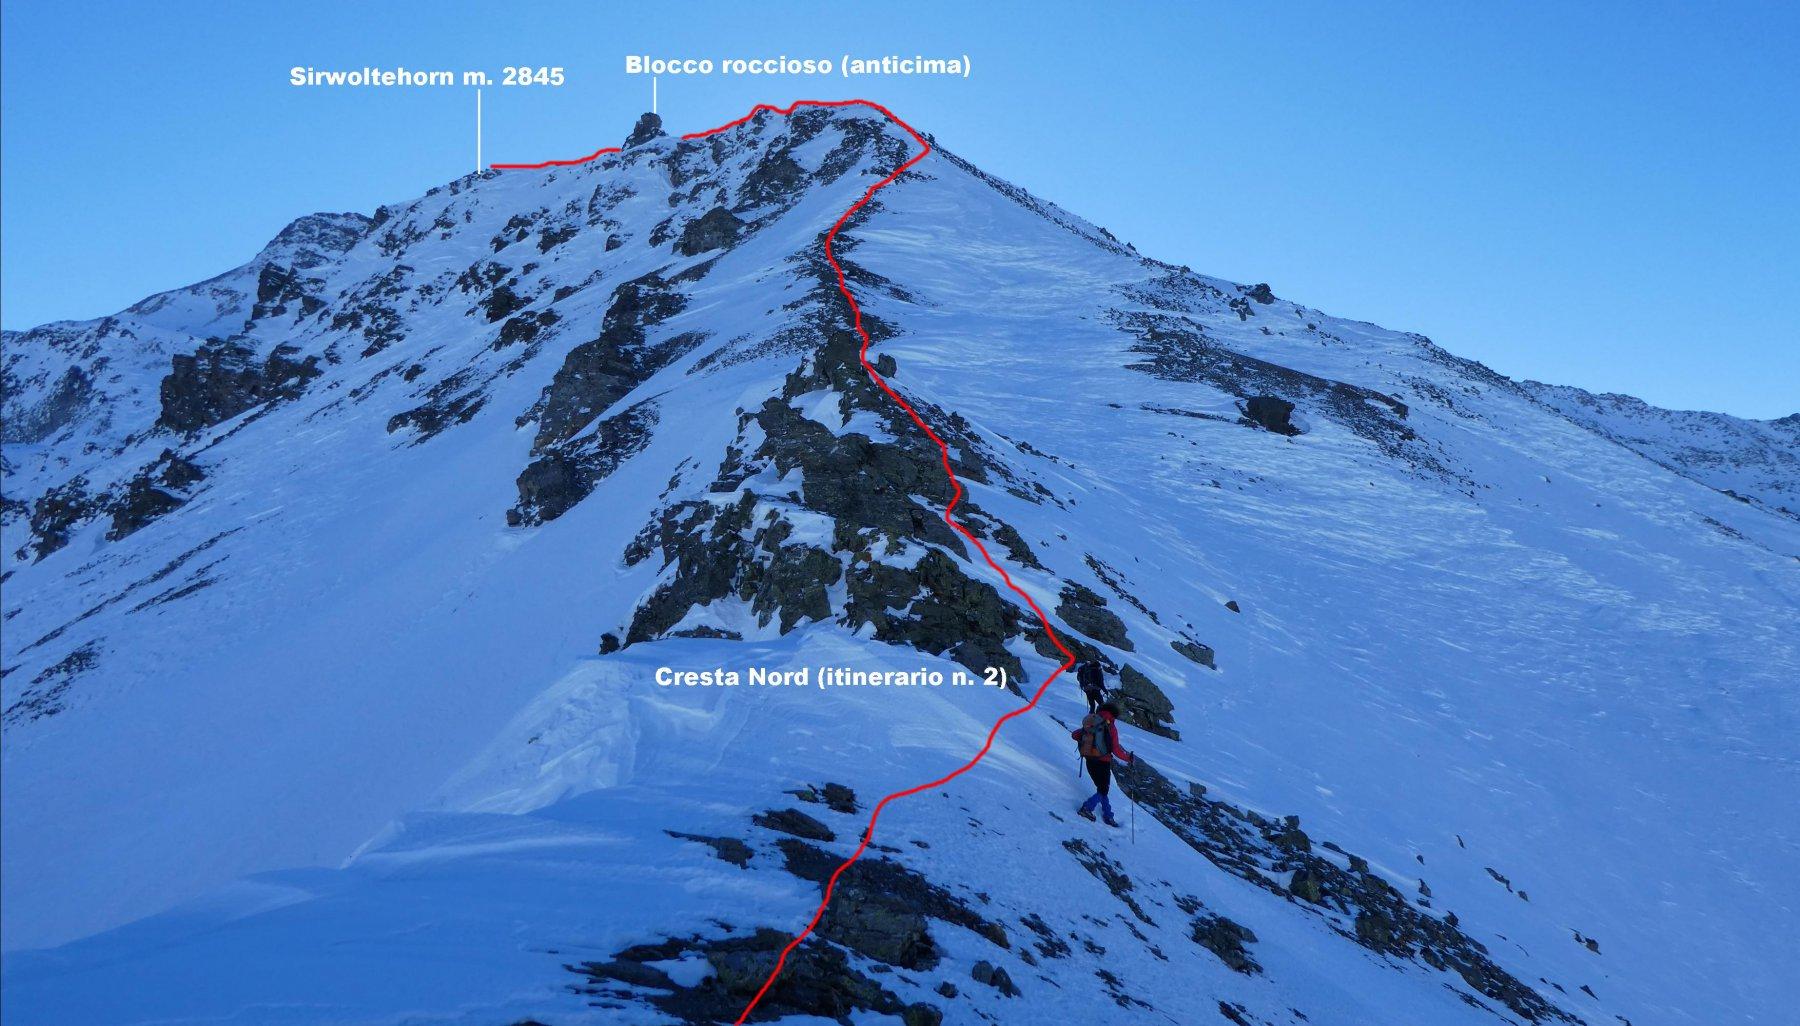 l'itinerario n. 2 che sale per la cresta Nord del Sirwoltehorn